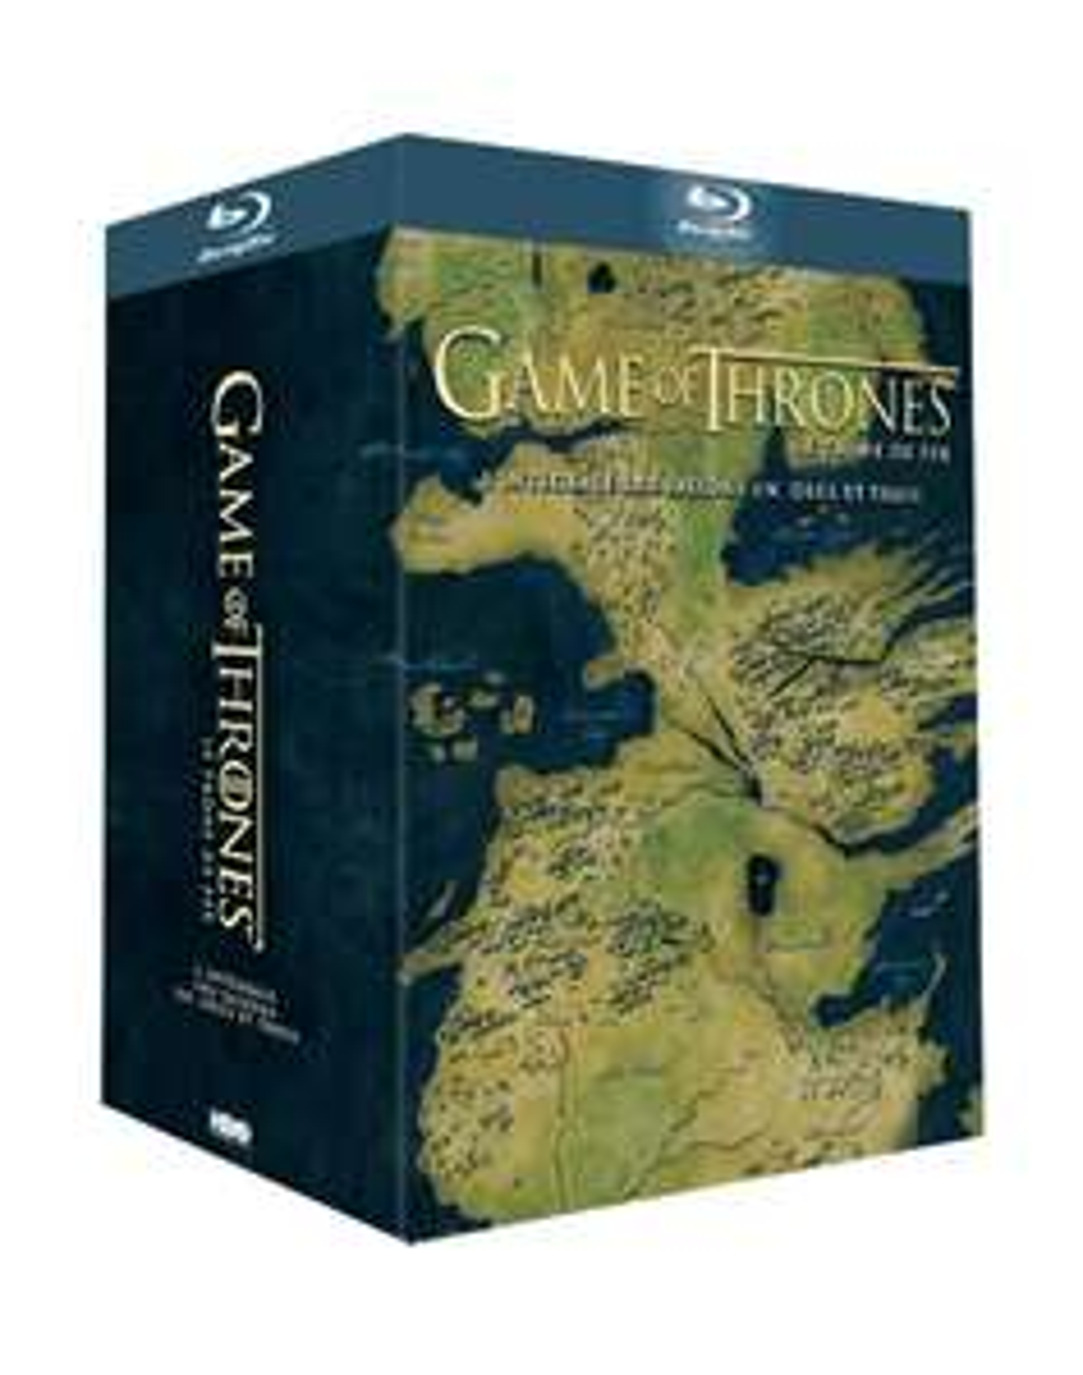 -50% sur une sélection de près de 250 coffrets DVD, Blu-ray et Séries TV - Ex : Coffret Blu-ray Game Of Thrones Saisons 1 à 3 à 31.99€